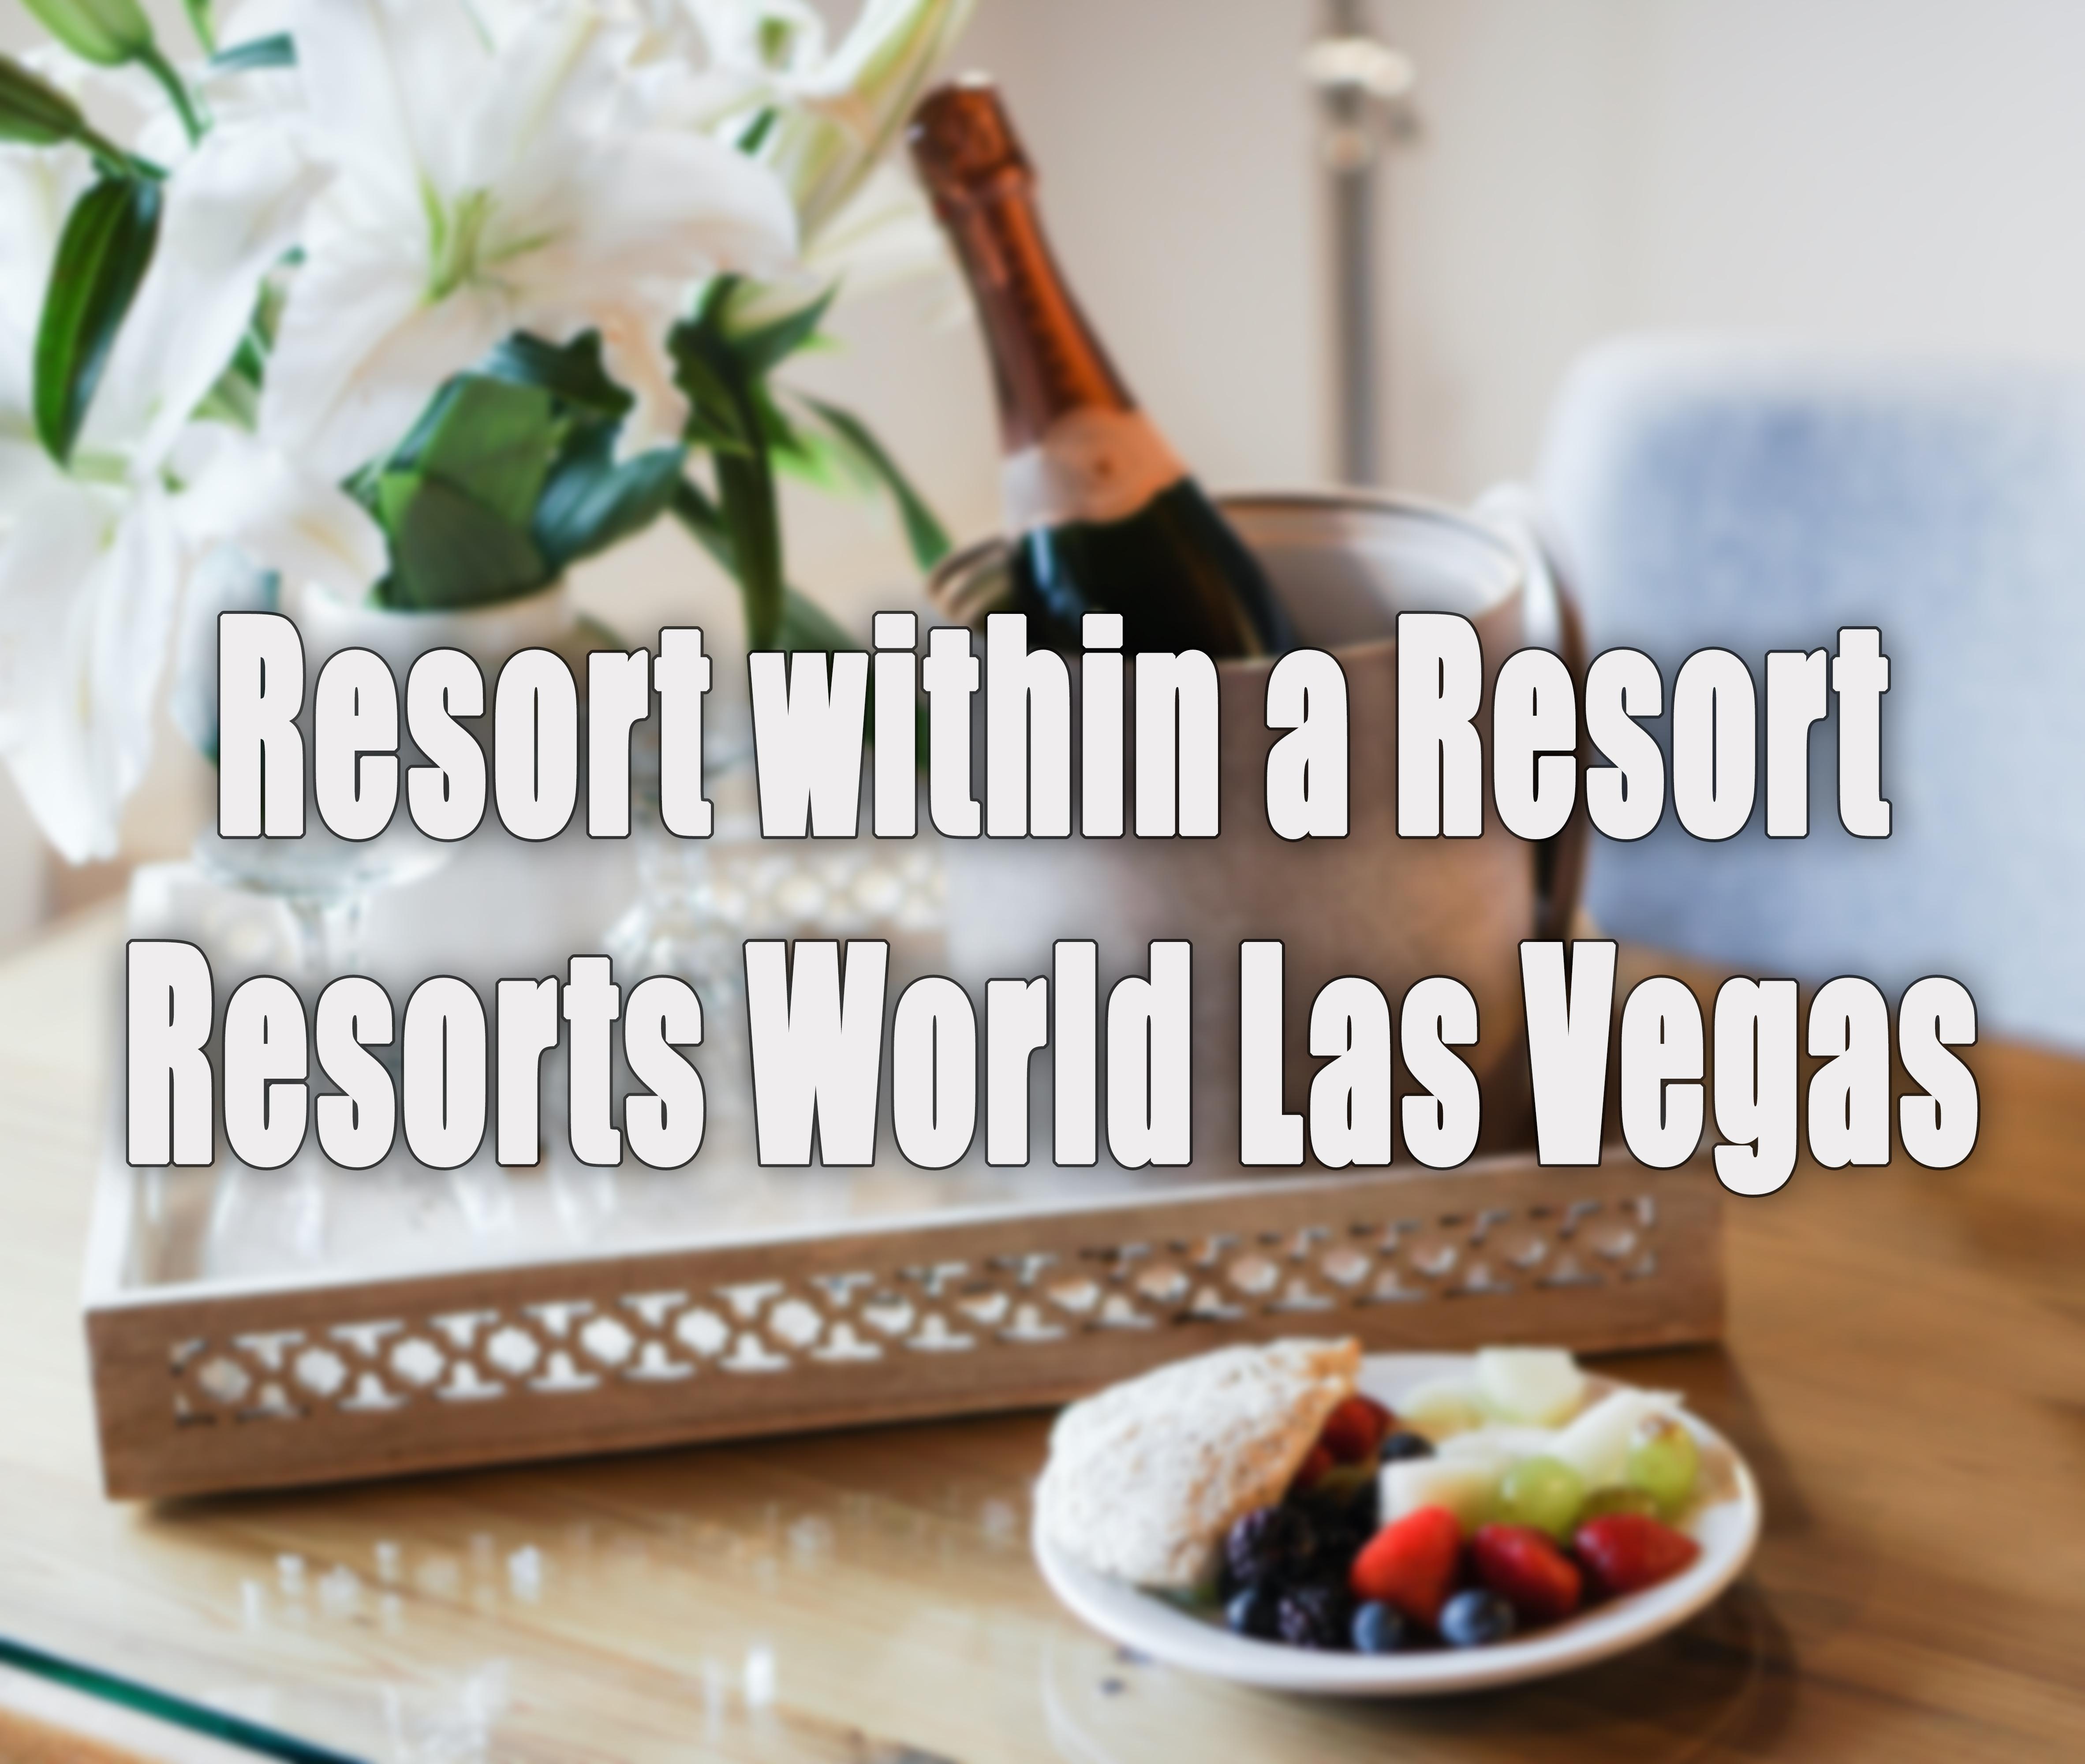 Resort World Las Vegas.jpg